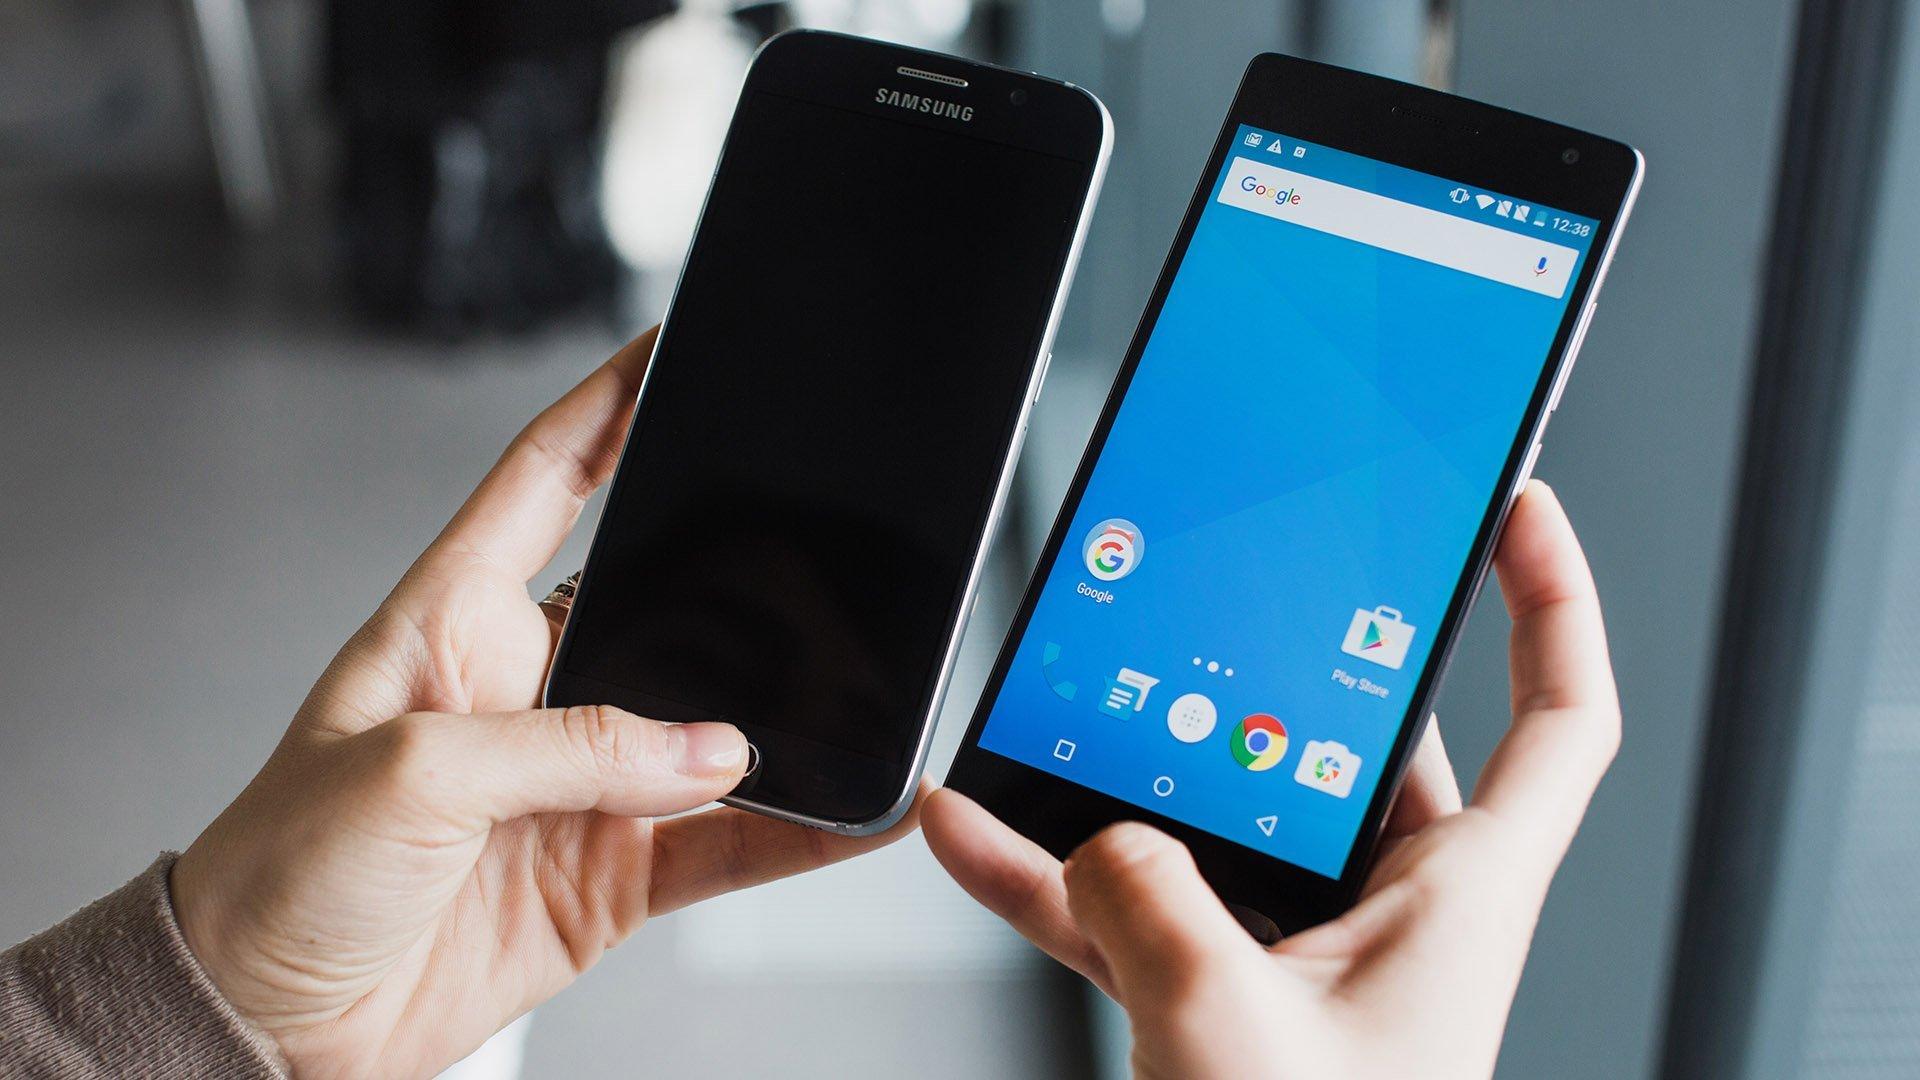 Названы самые бесполезные функции актуальных насегодняшний день  телефонов